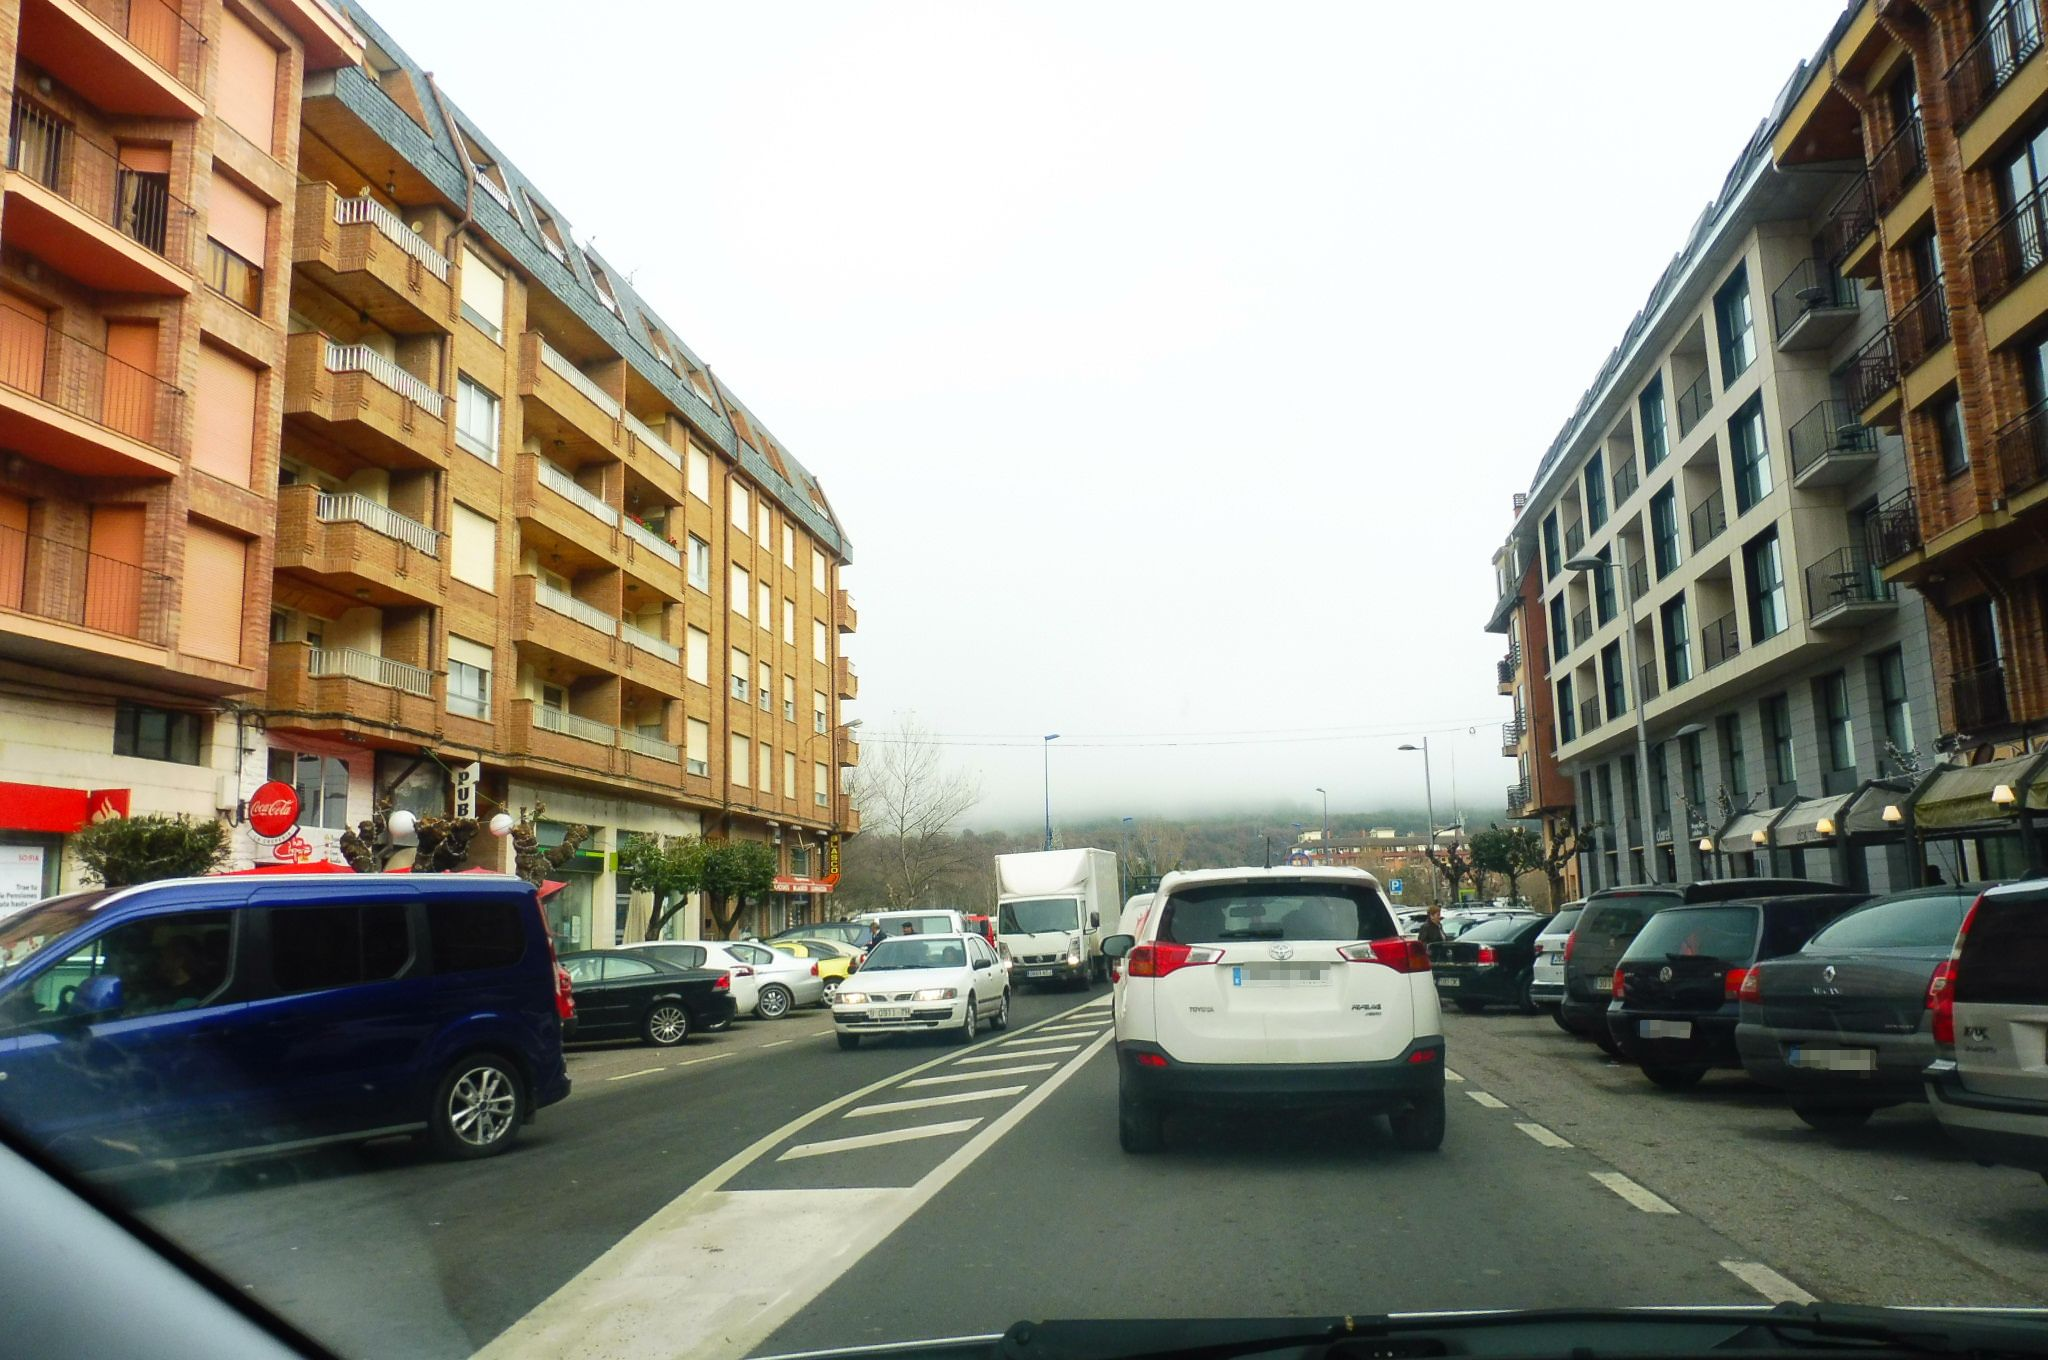 Imagen realizada el viernes 7 de diciembre.. Foto: SobrarbeDigital